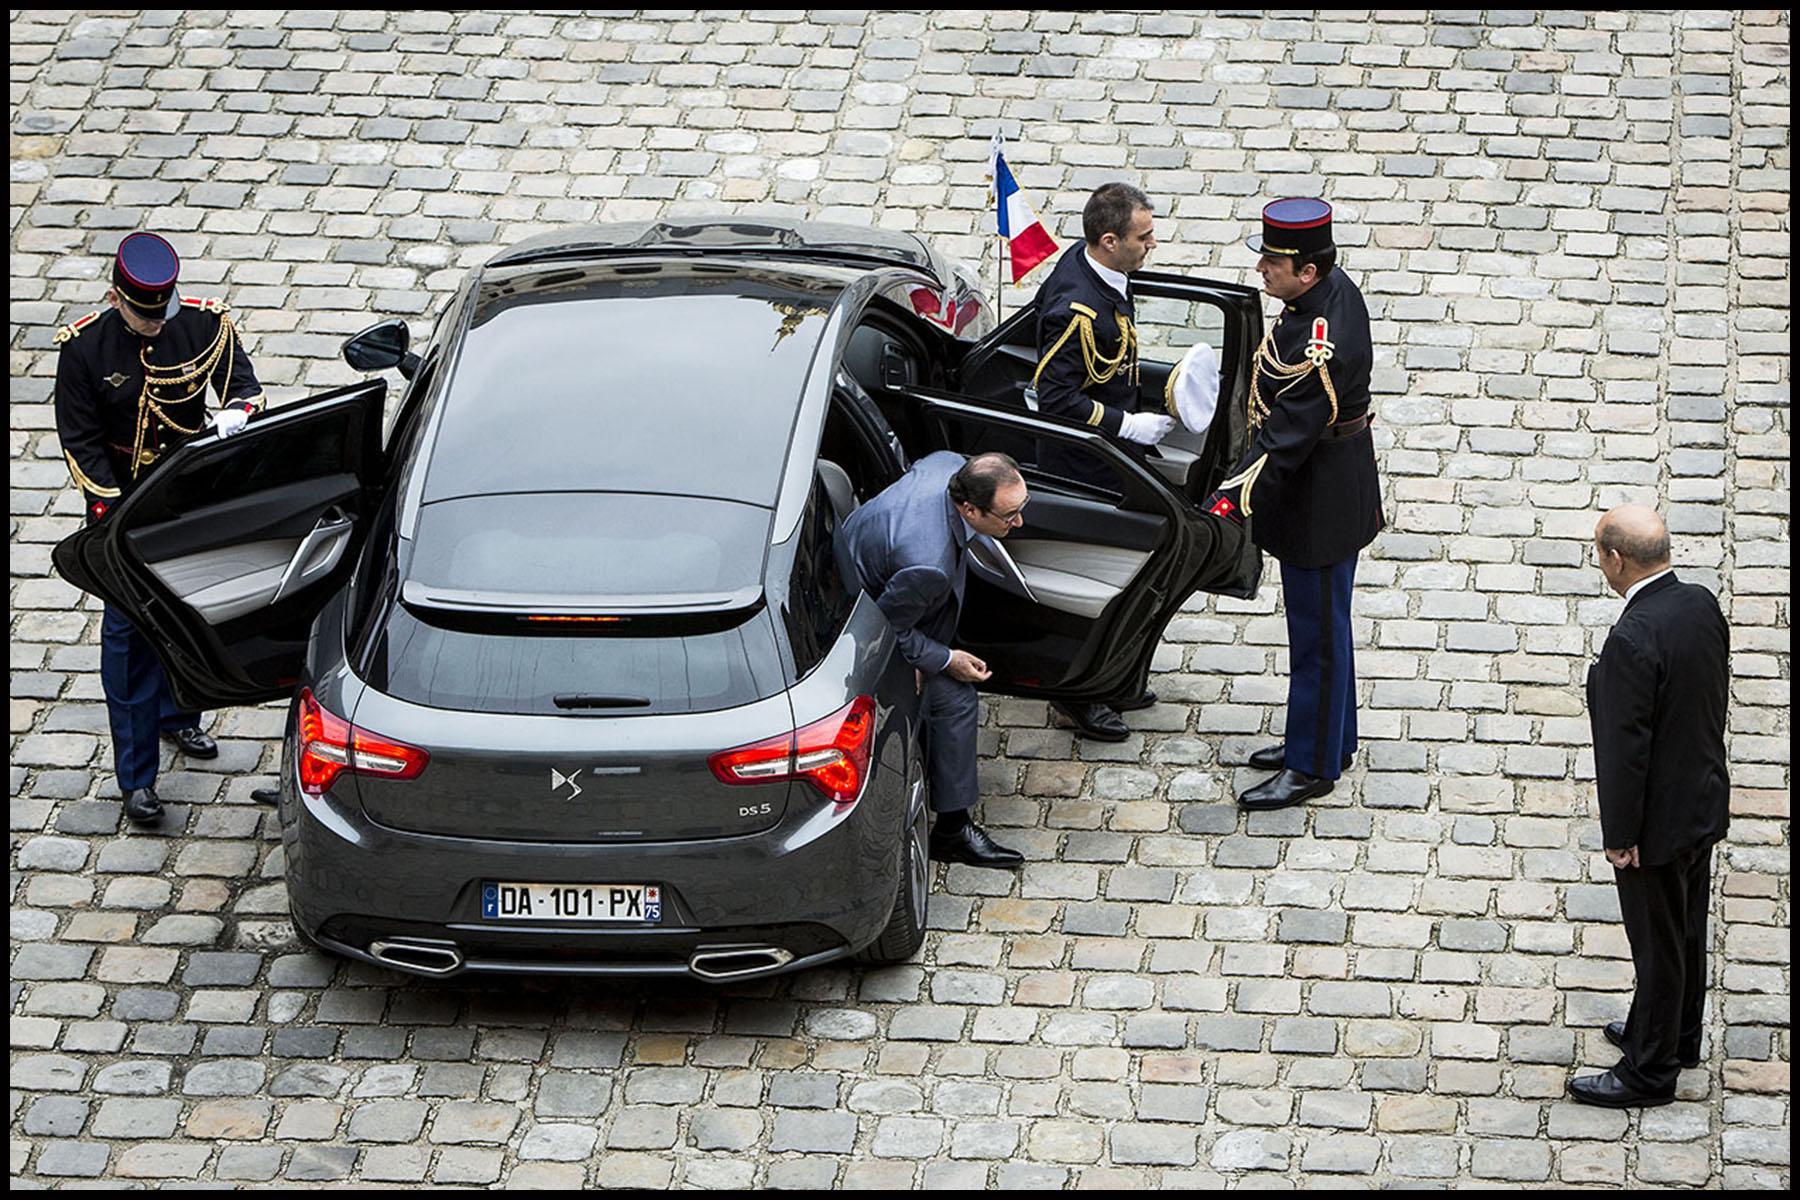 Le chef de l'État, François HOLLANDE, préside une prise d'armes à l'Hôtel national des Invalides